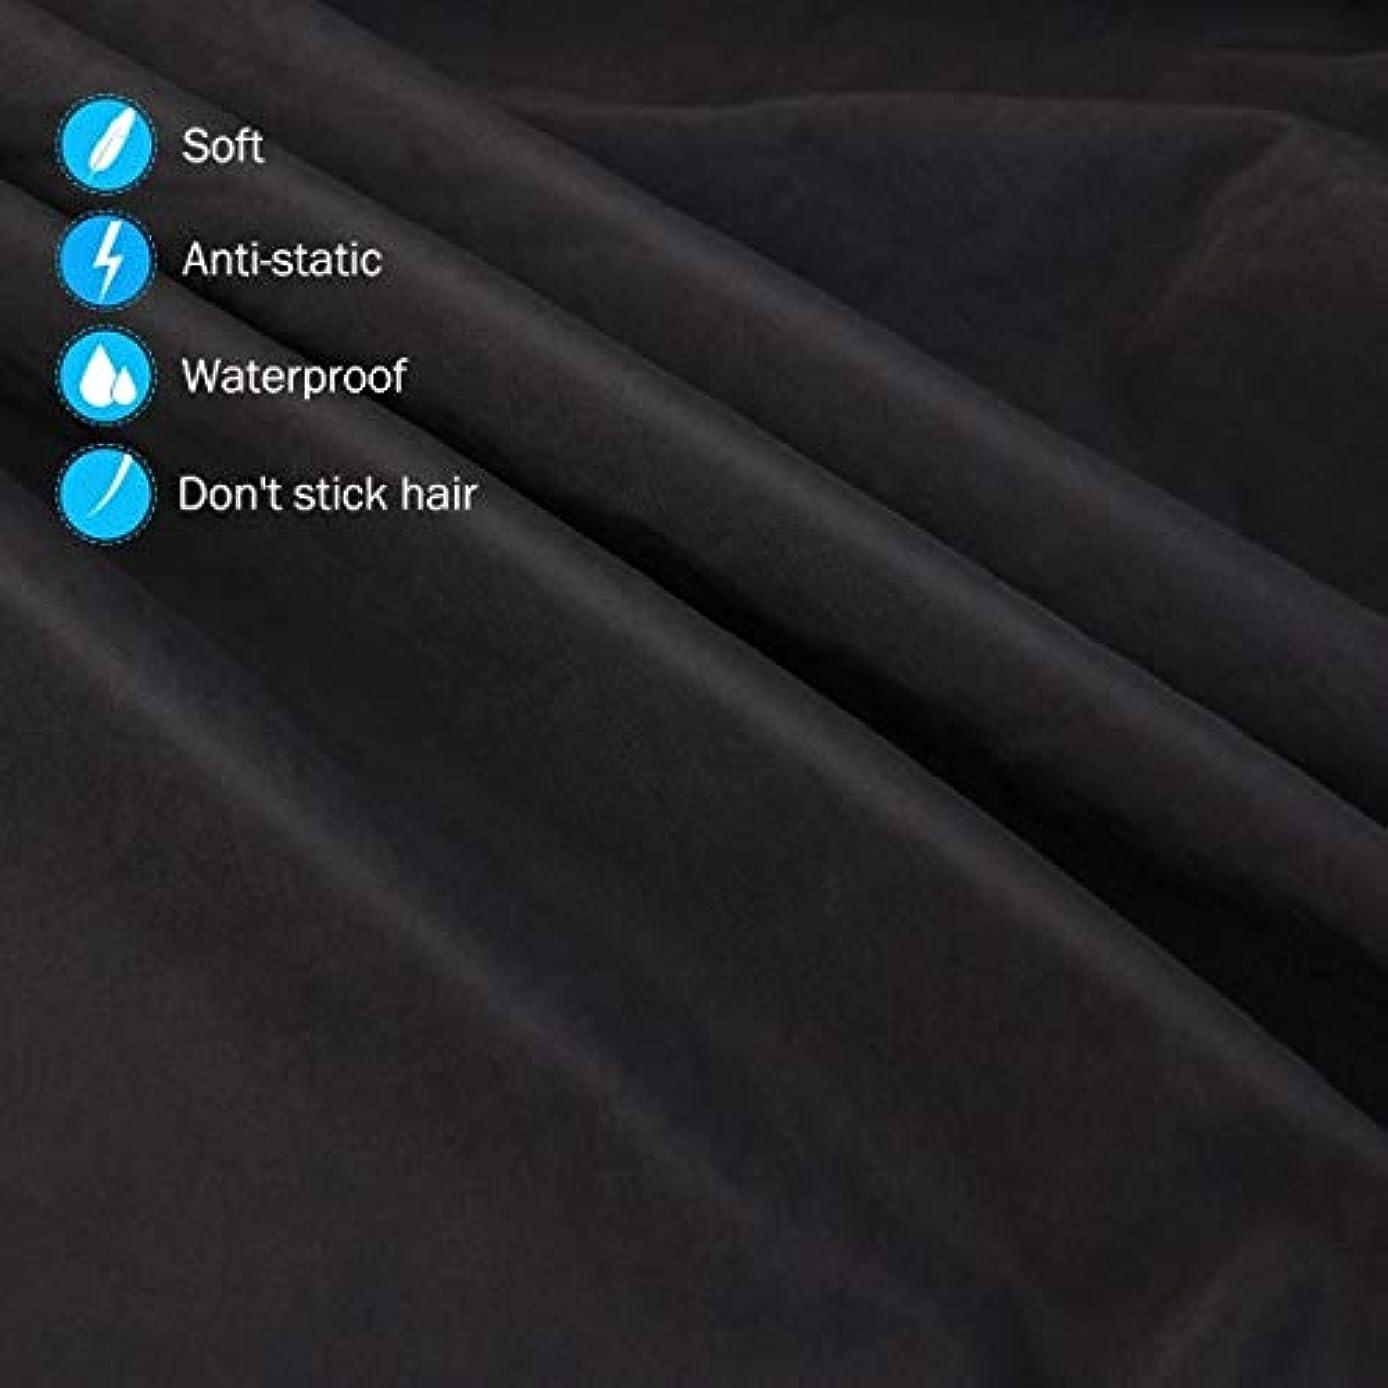 HIZLJJ 大広間の家の理髪師の観覧の窓が付いている理髪ケープのガウン毛の切断のための目に見える観覧の窓が付いている防水大広間のガウンのエプロン